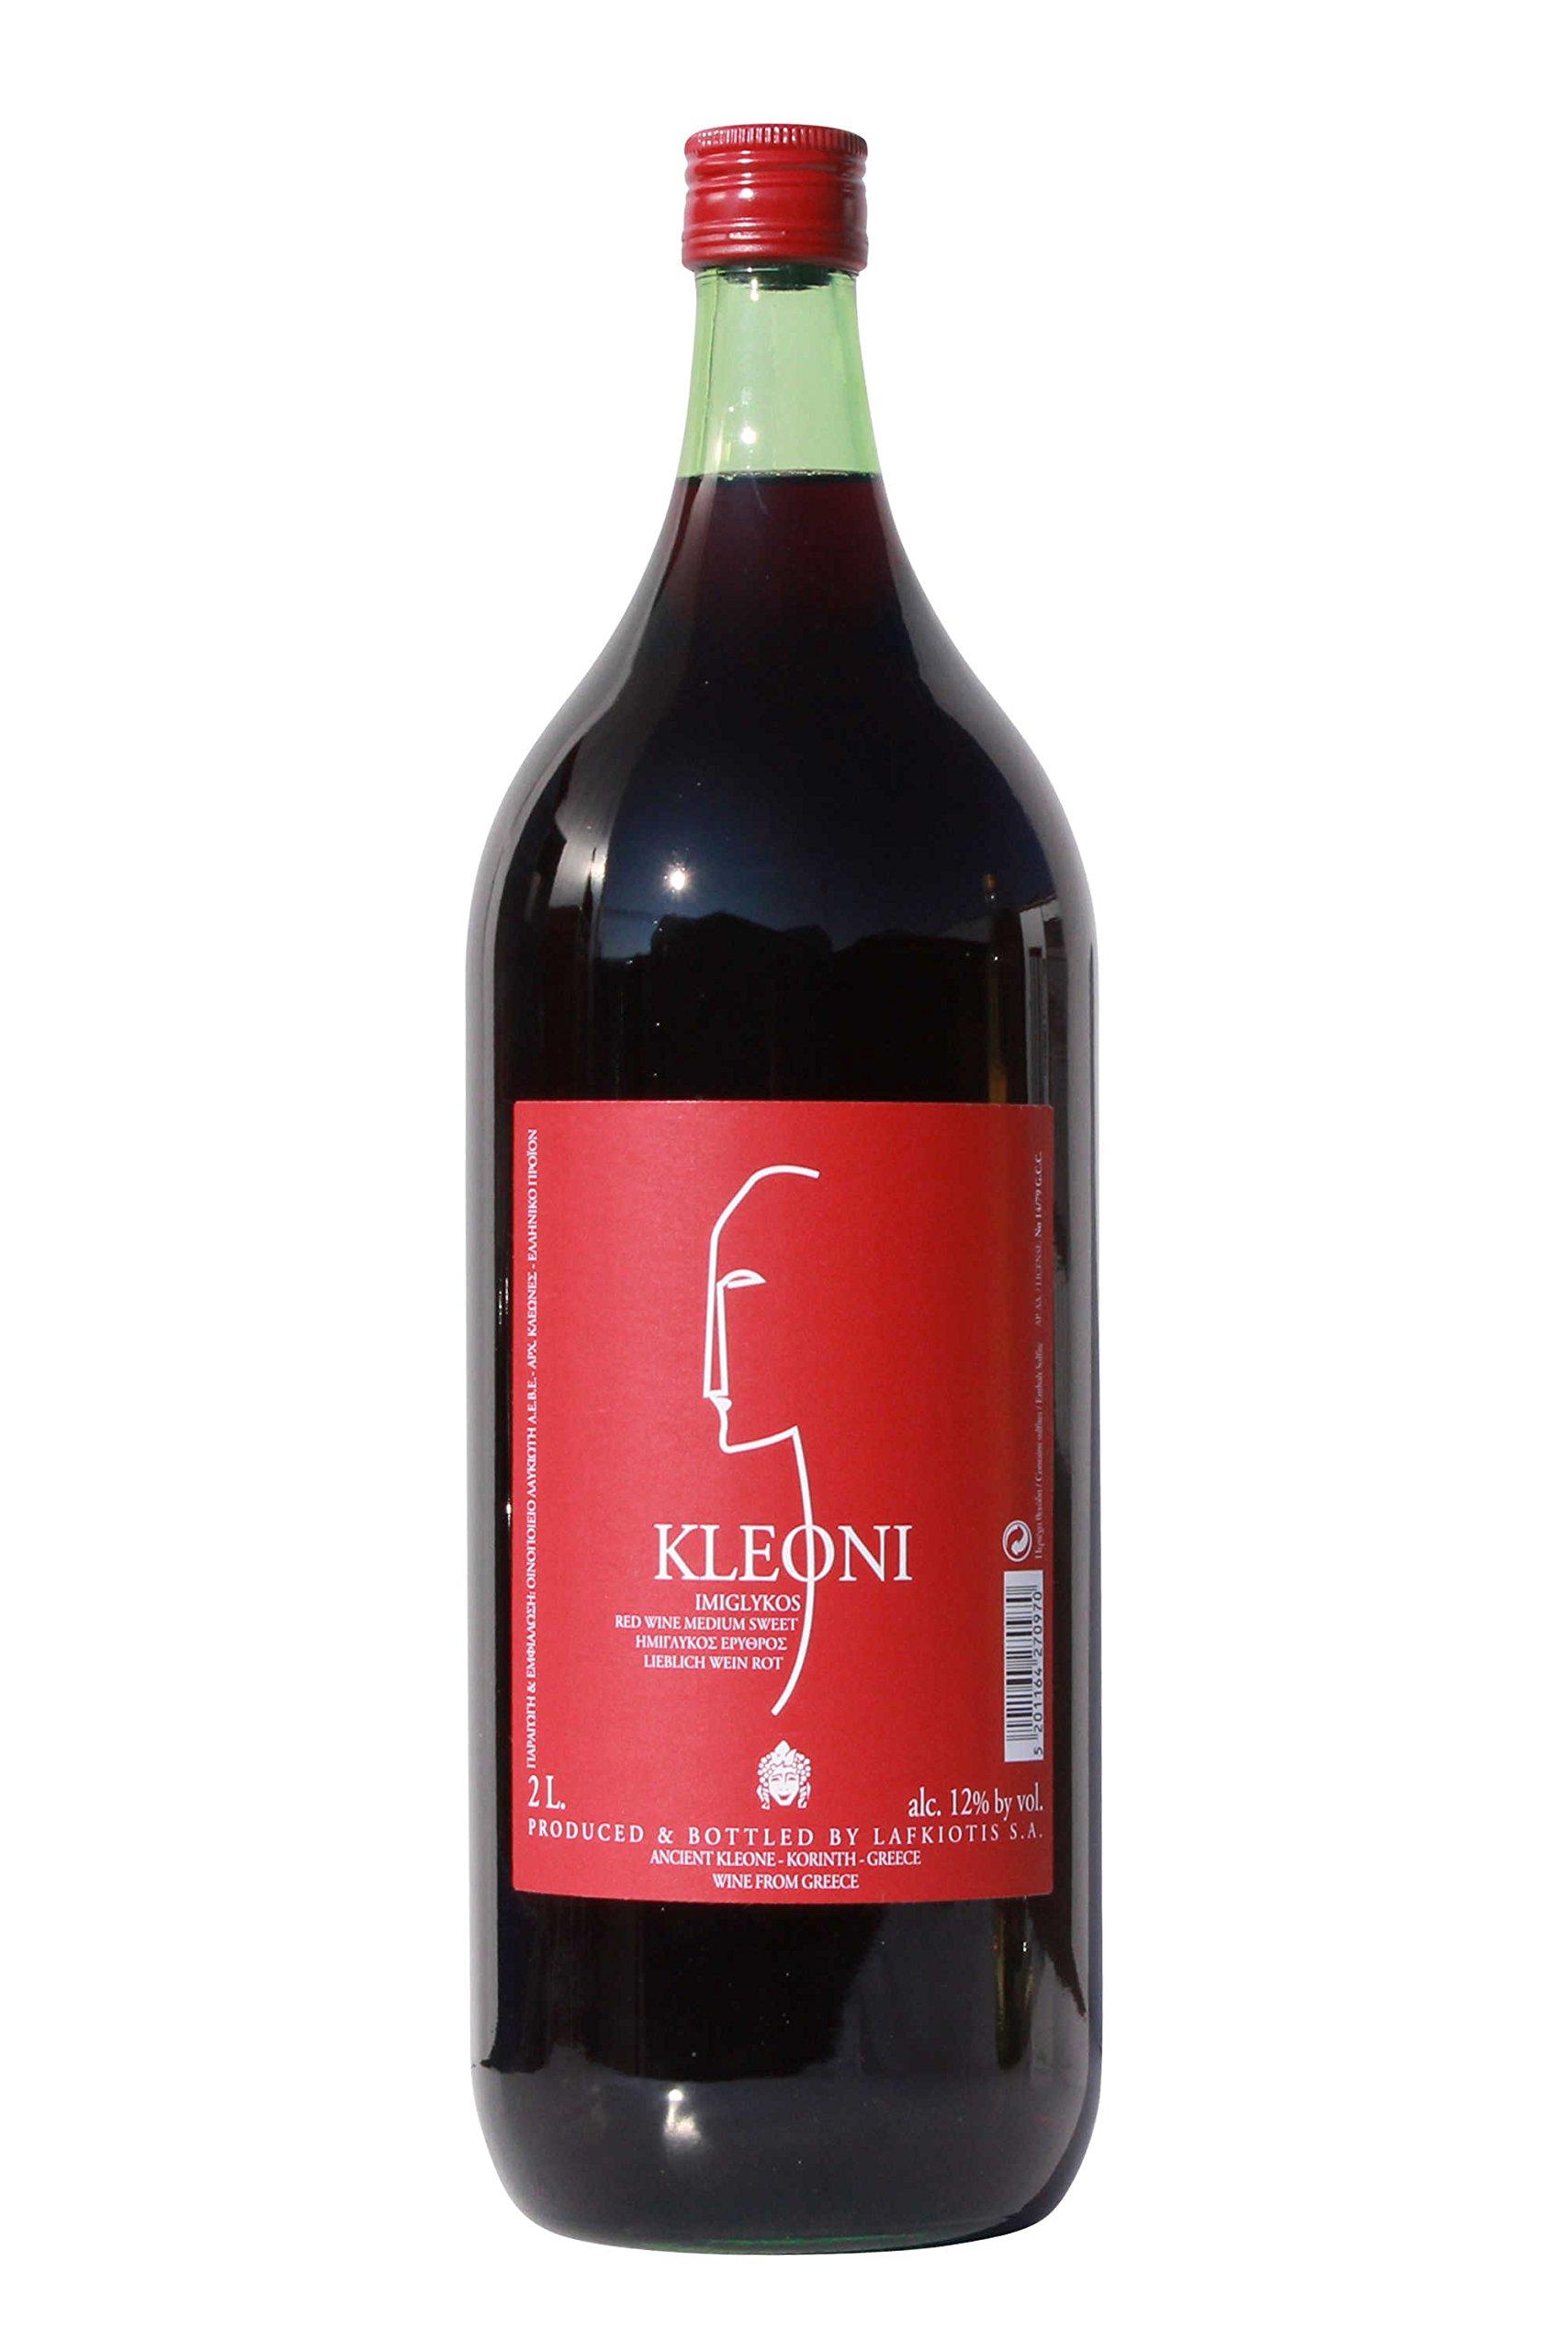 Kleoni-Rotwein-Imiglykos-lieblich-Lafkiotis-2-L-Flasche-griechischer-roter-Wein-Rotwein-Griechenland-Wein